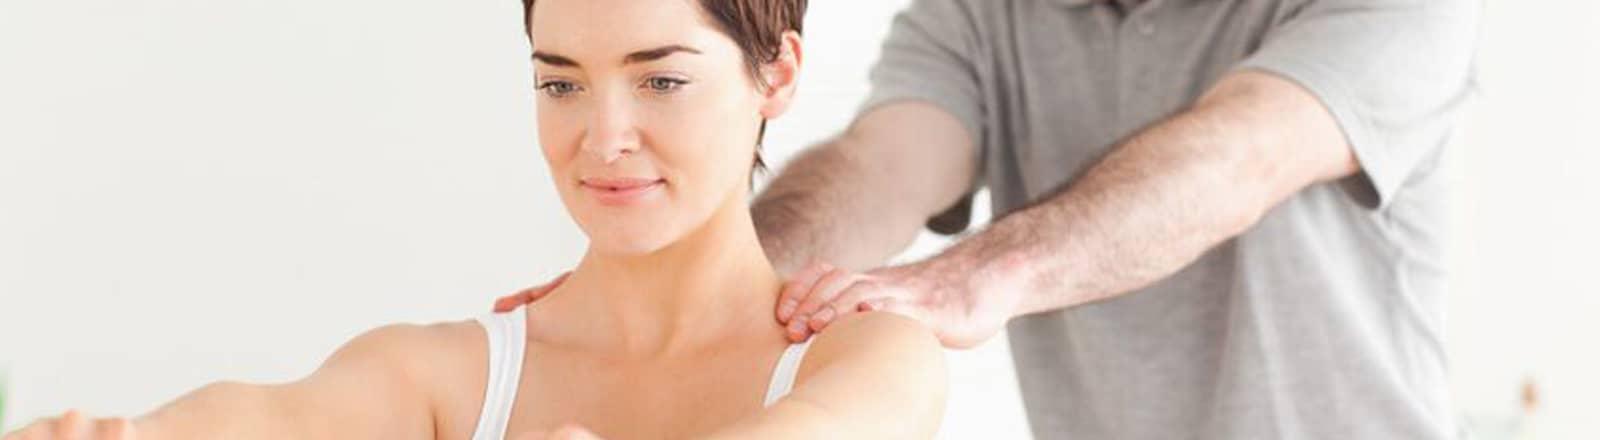 rhb domiciliaria fisioterapia a domicilio